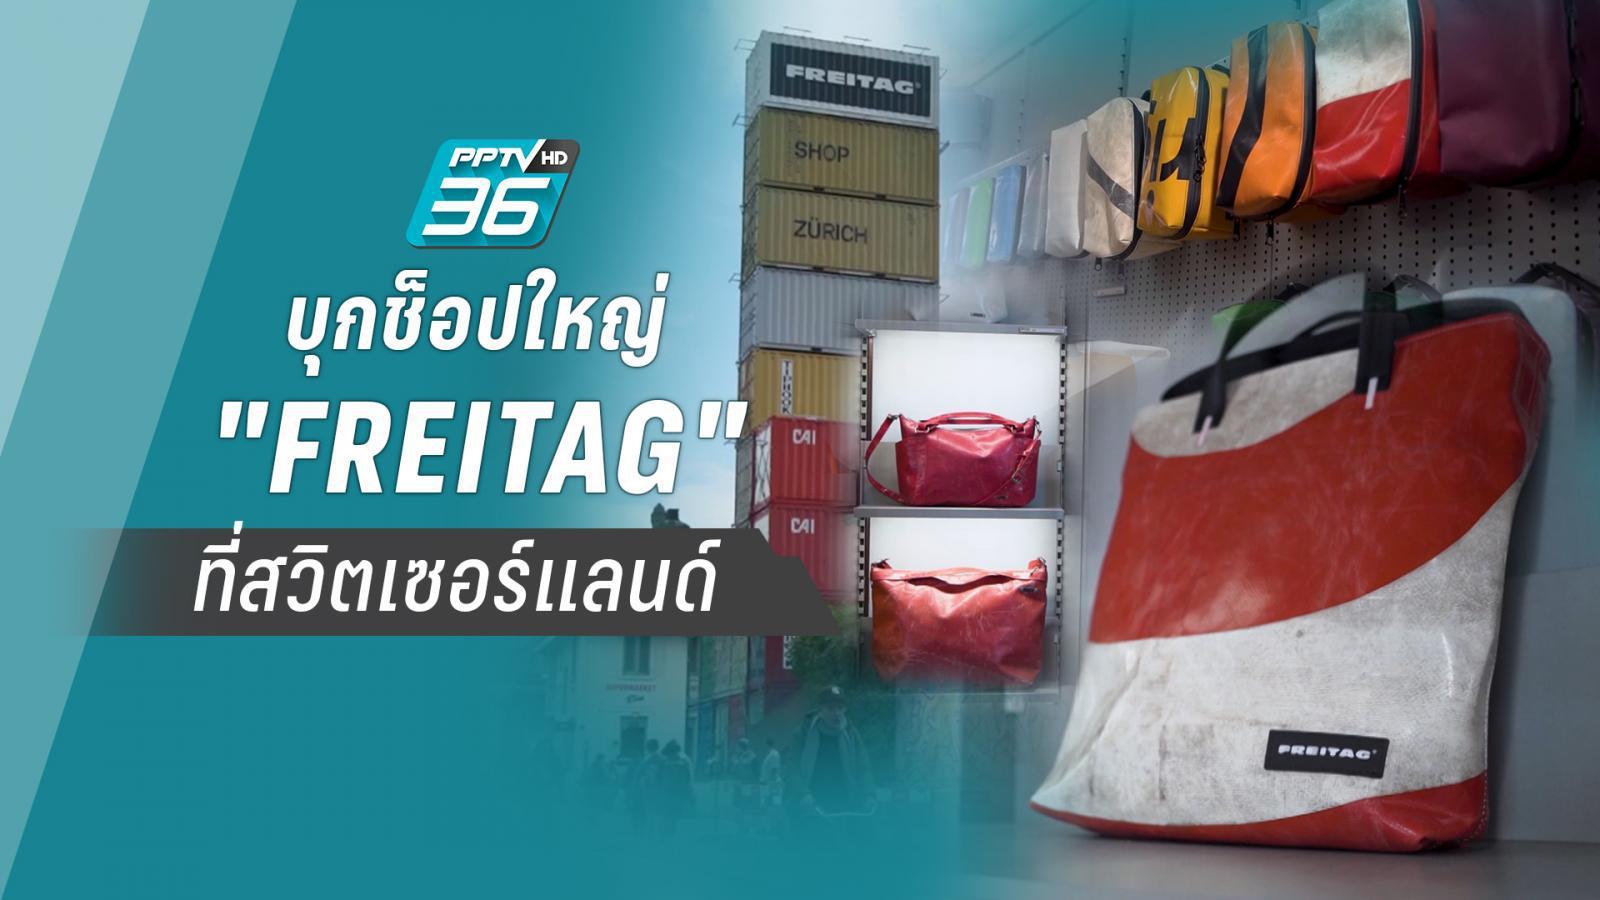 """กระเป๋าผ้าใบรถบรรทุก """"FREITAG"""" สัญชาติสวิตเซอร์แลนด์ ที่คนไทยกำลังนิยม"""